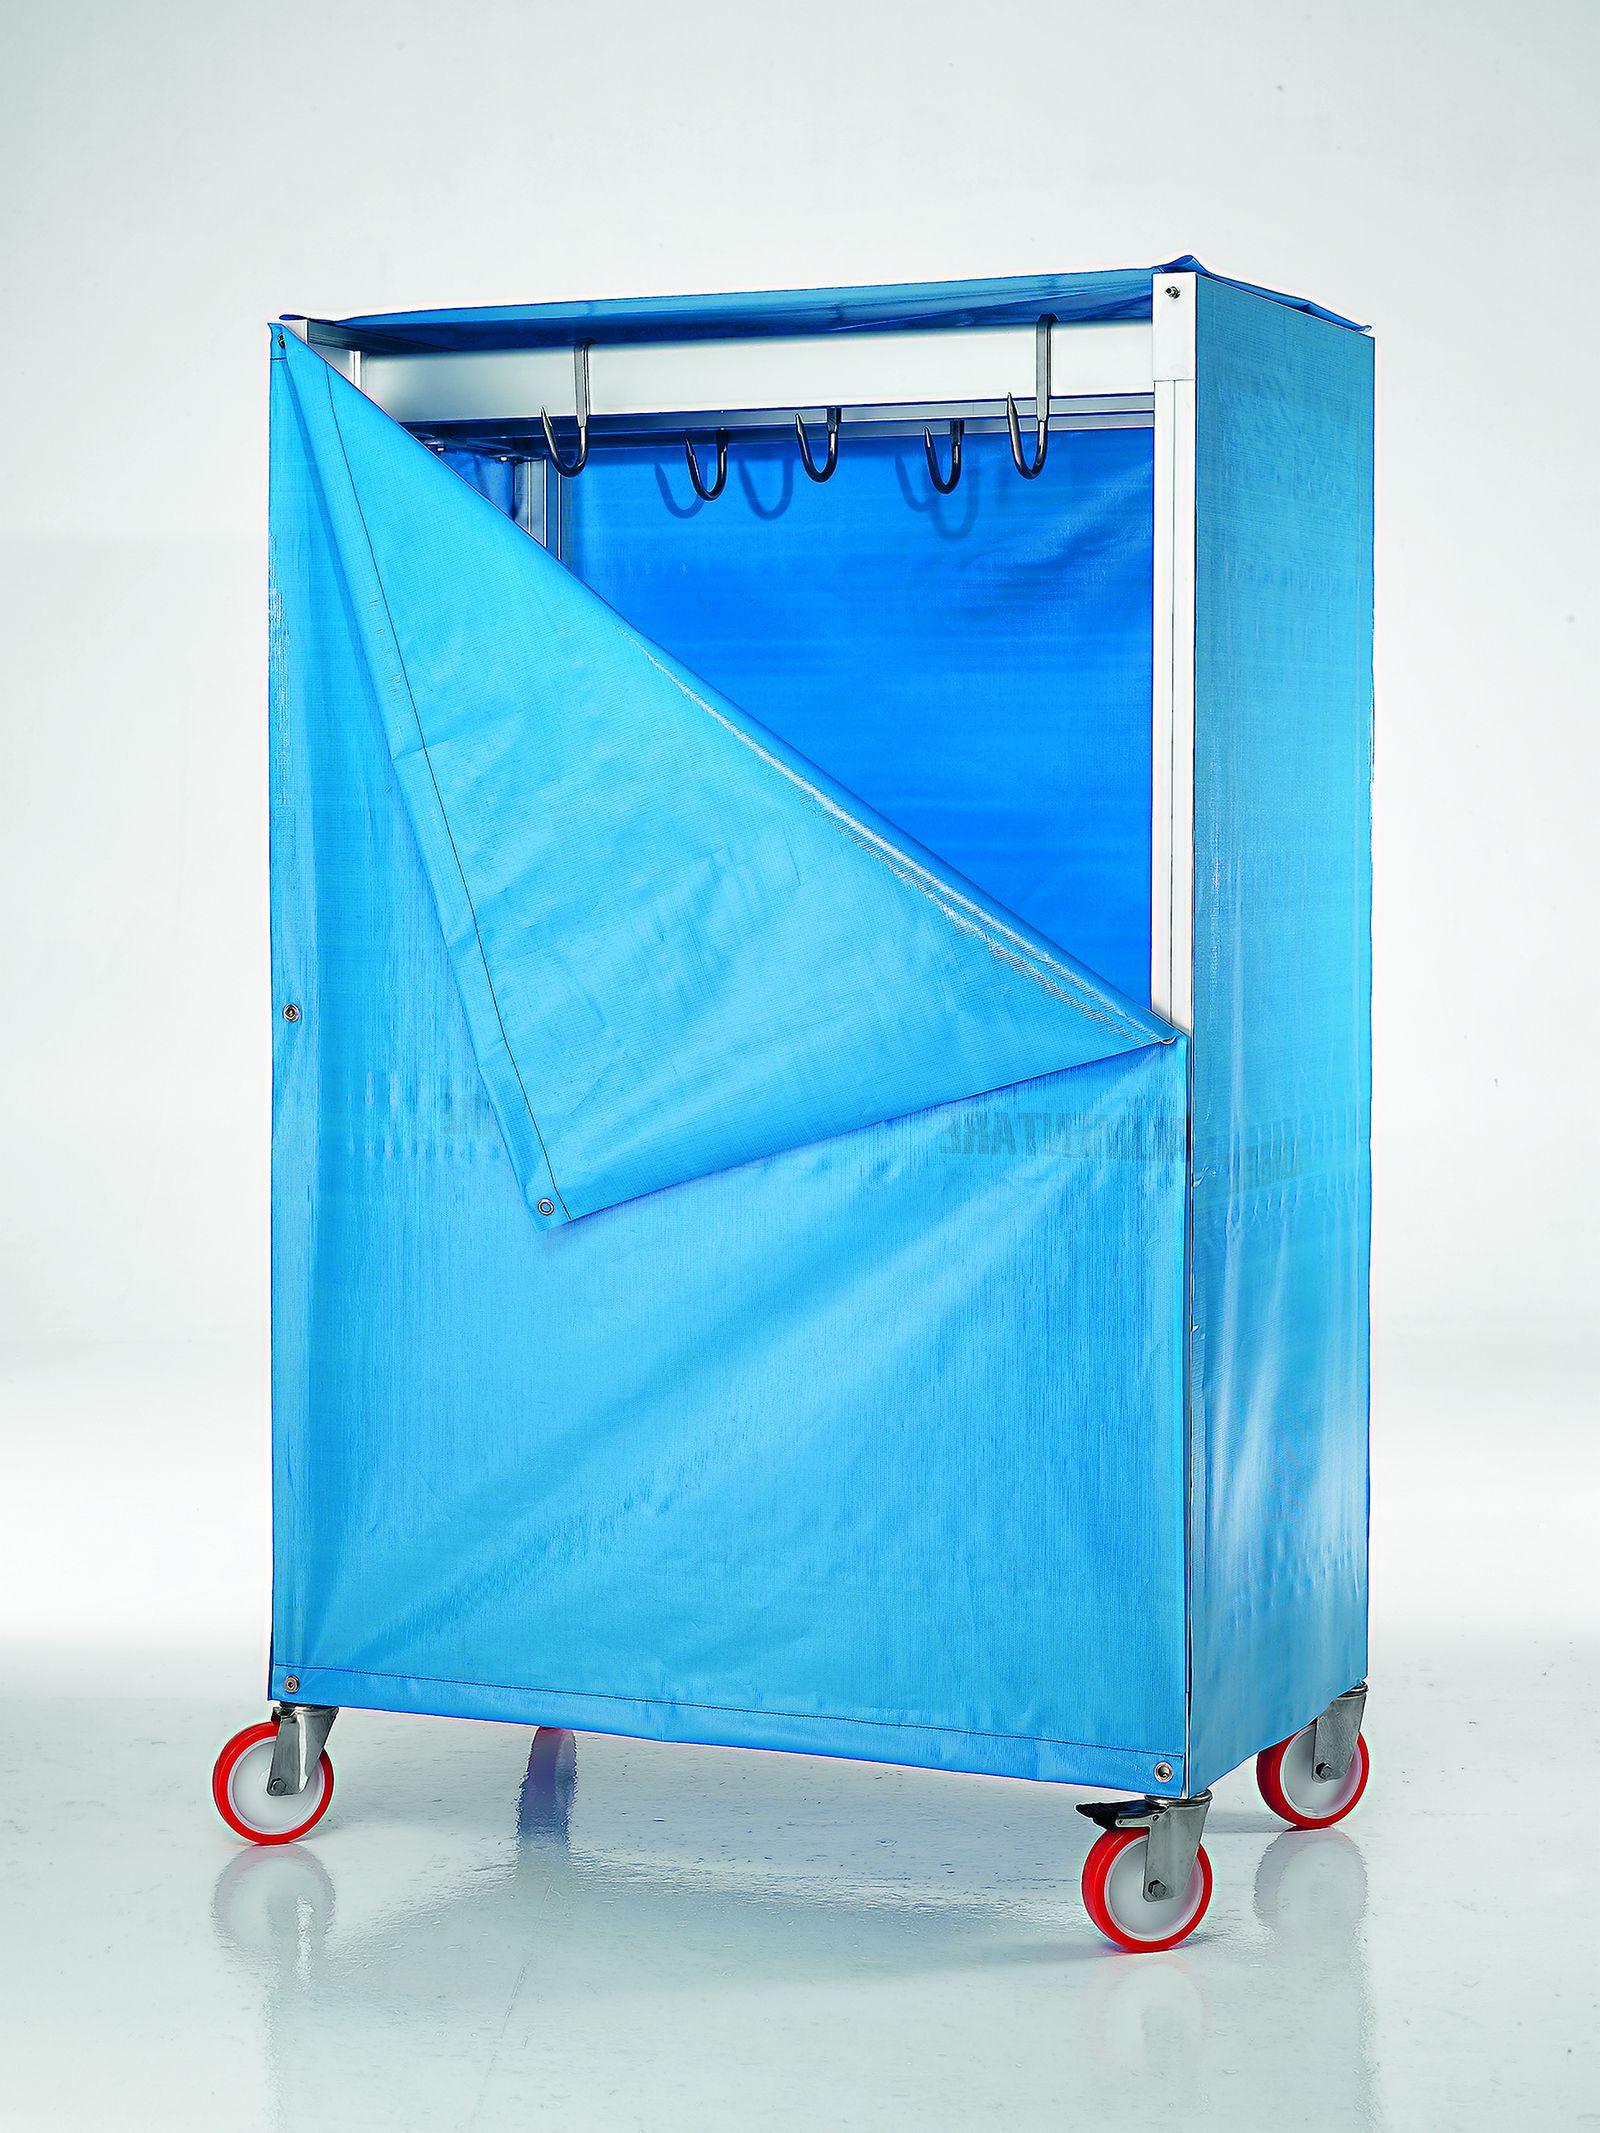 carrello portacarne con telo blu formato basso